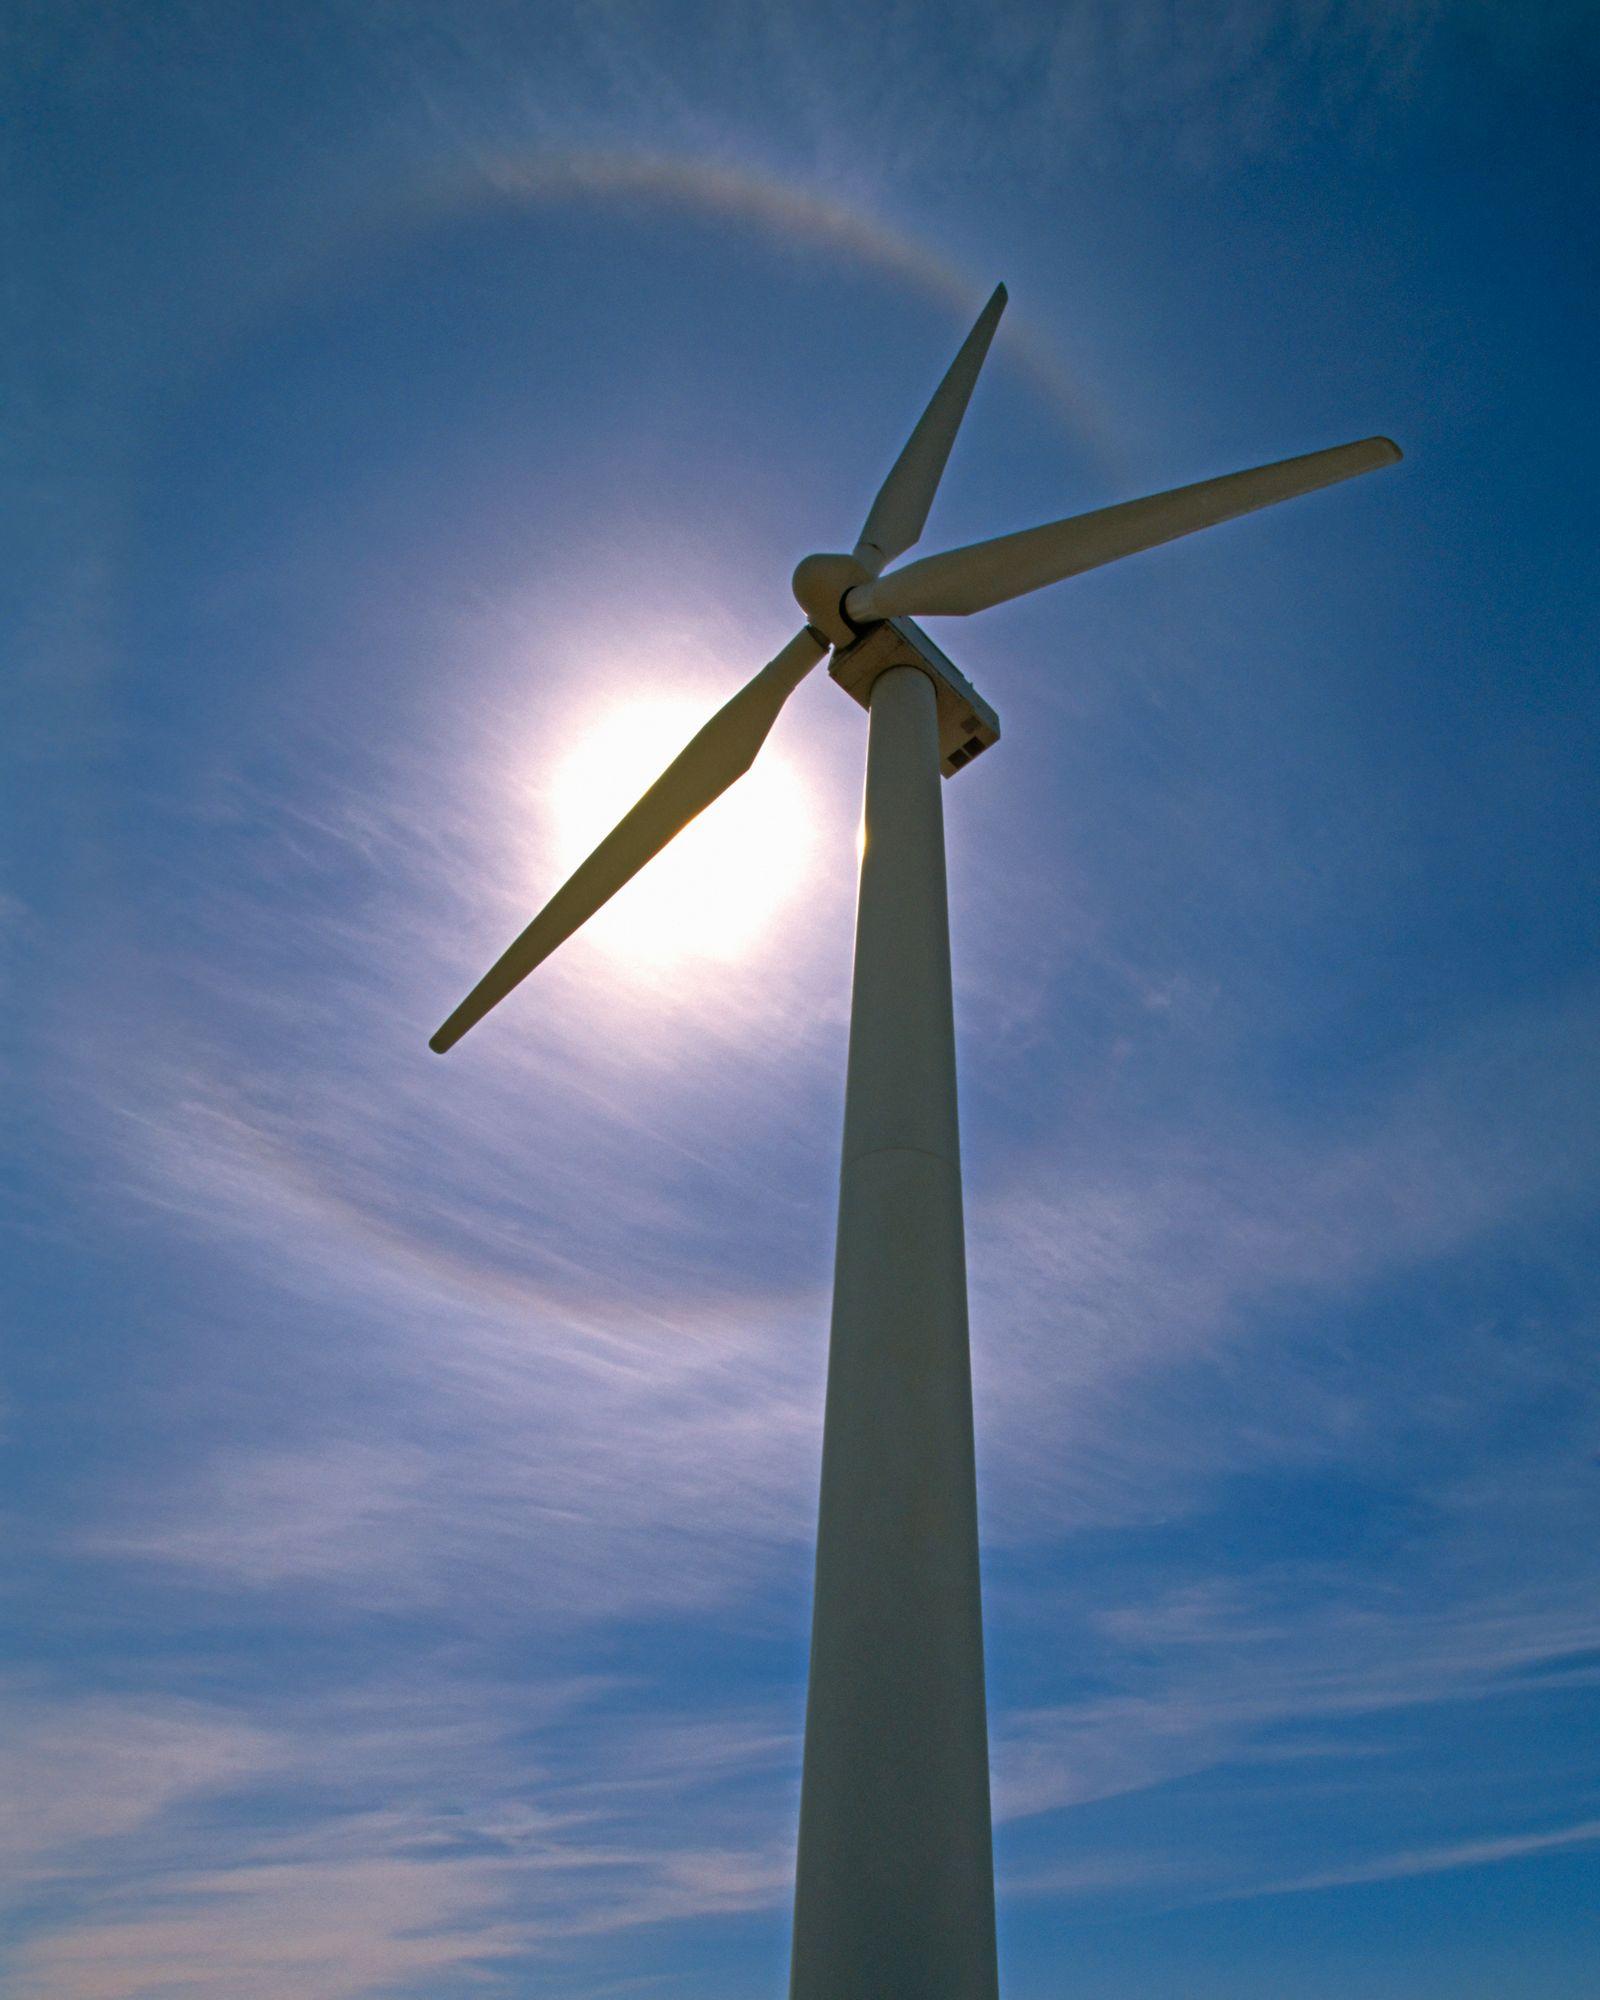 NICHT MEHR VERWENDEN! - Windkraft / erneuerbare Energien